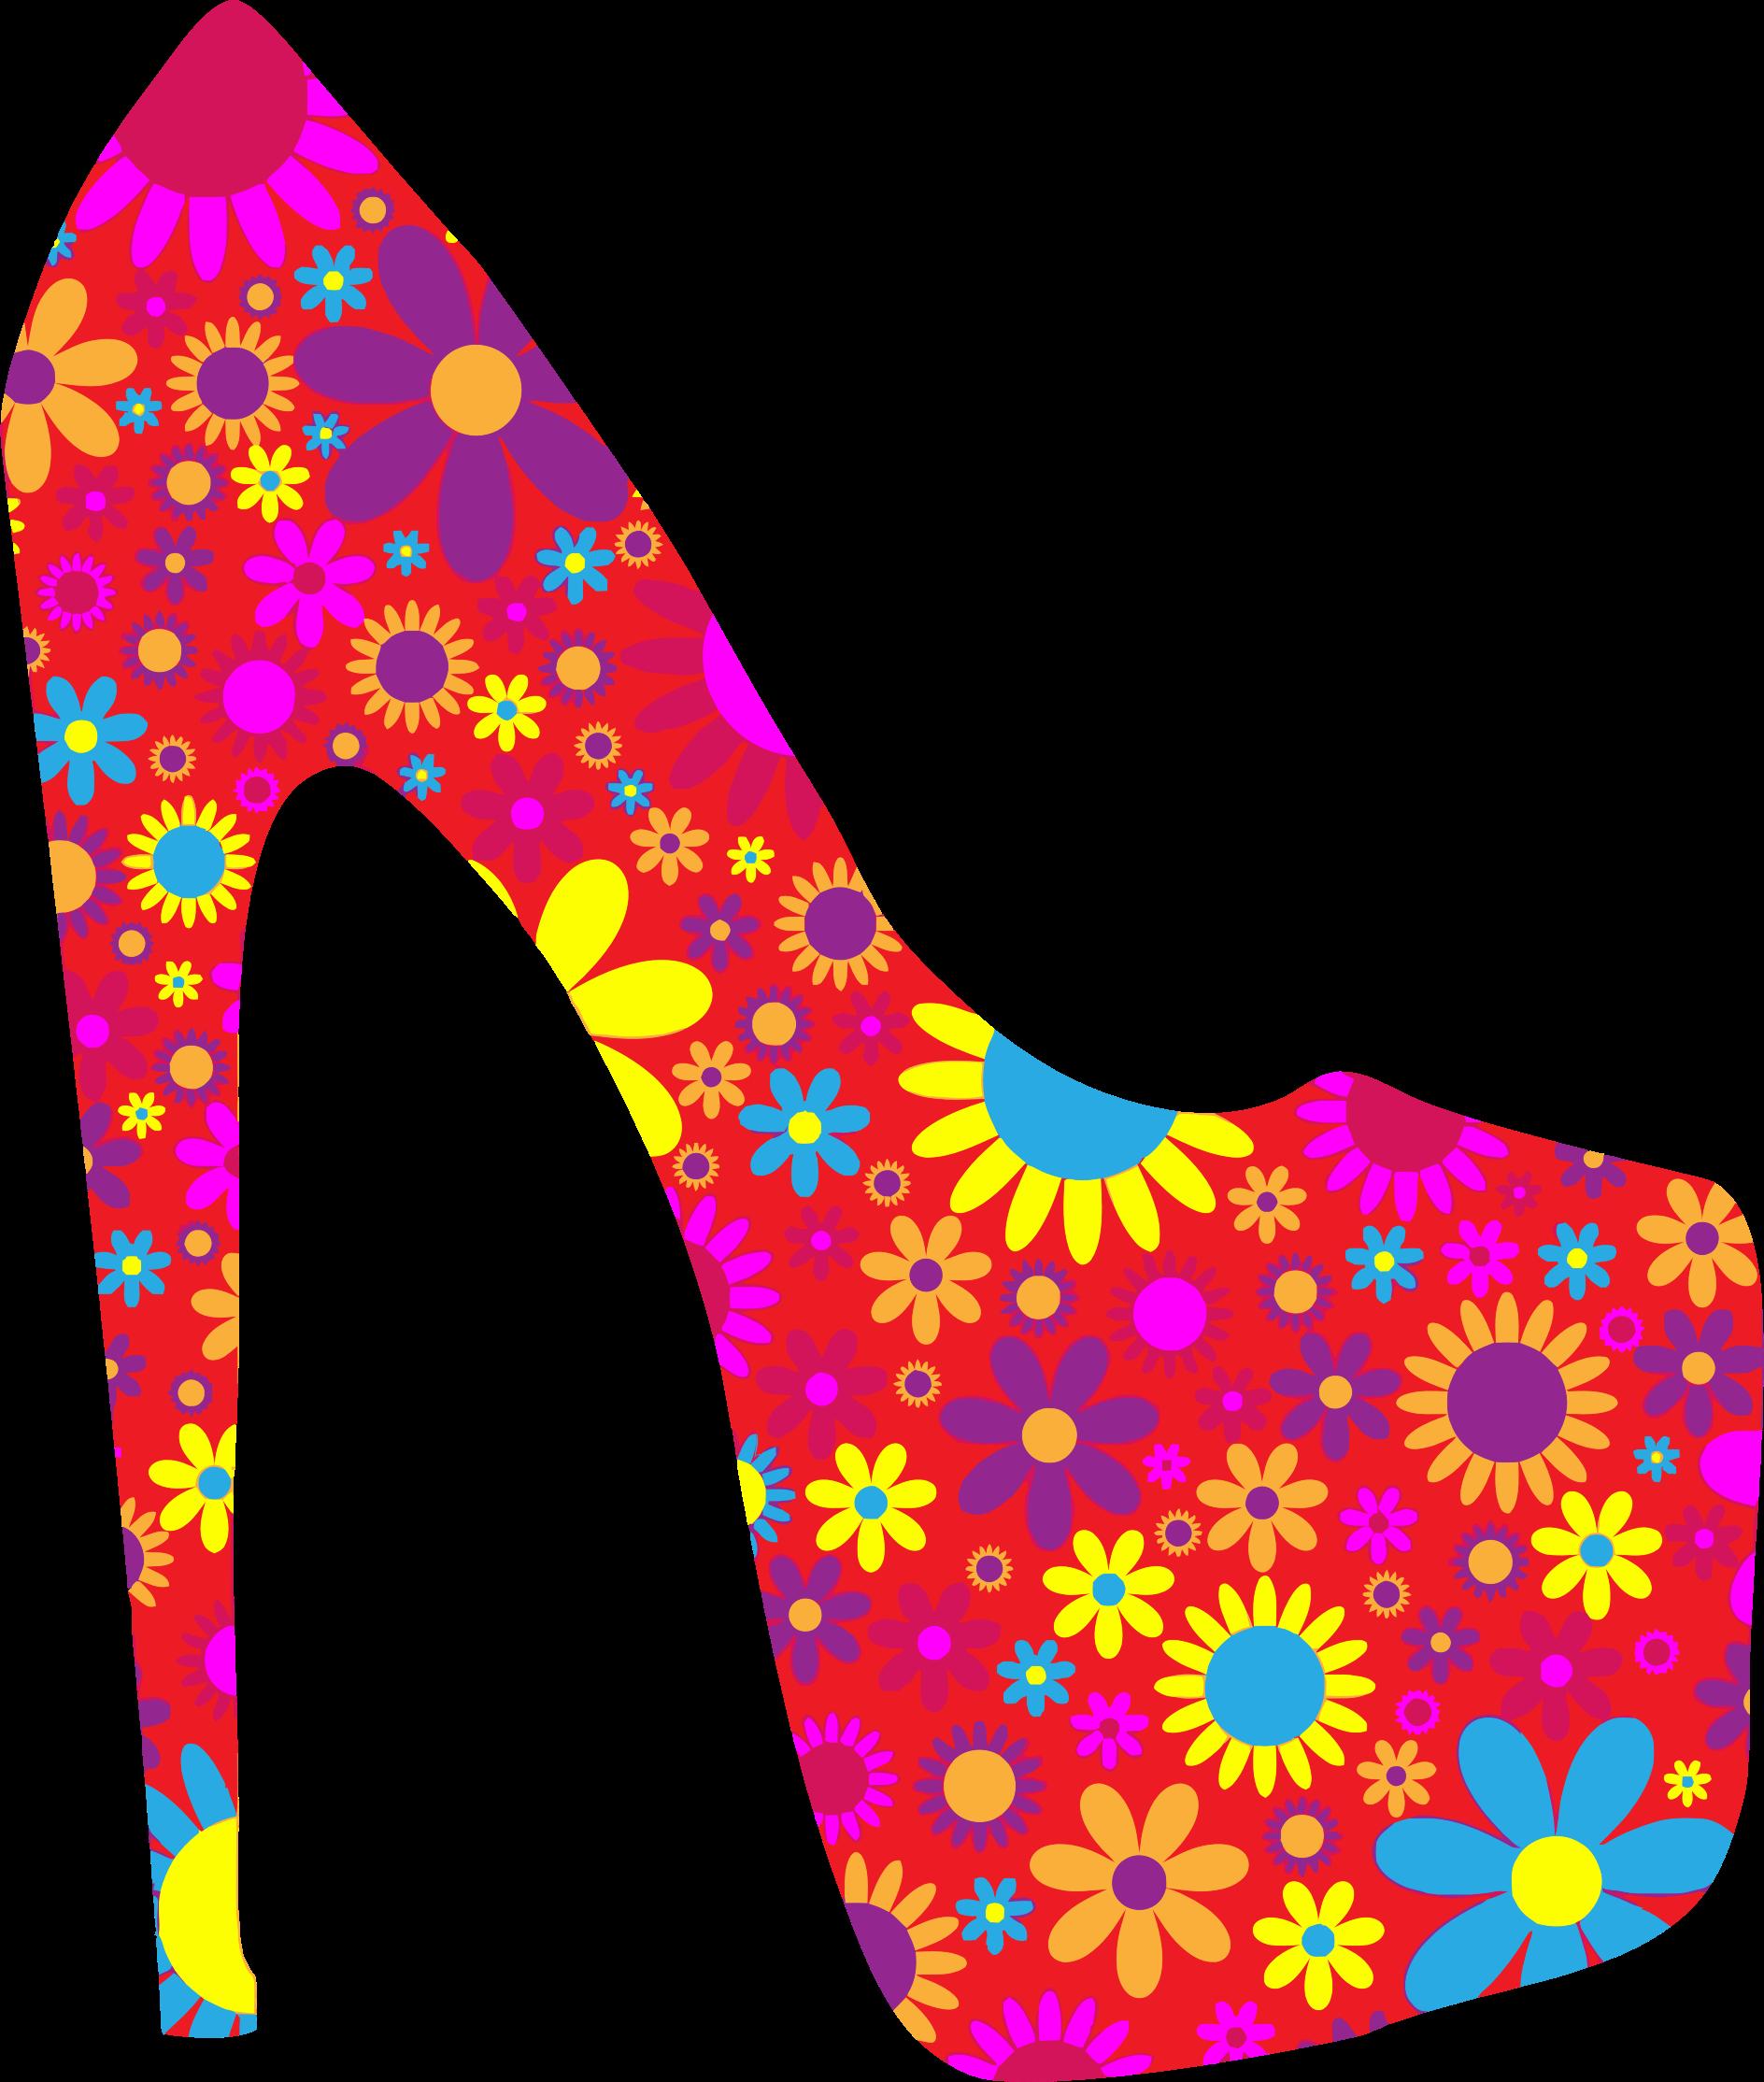 Flower clipart shoe. Retro floral big image